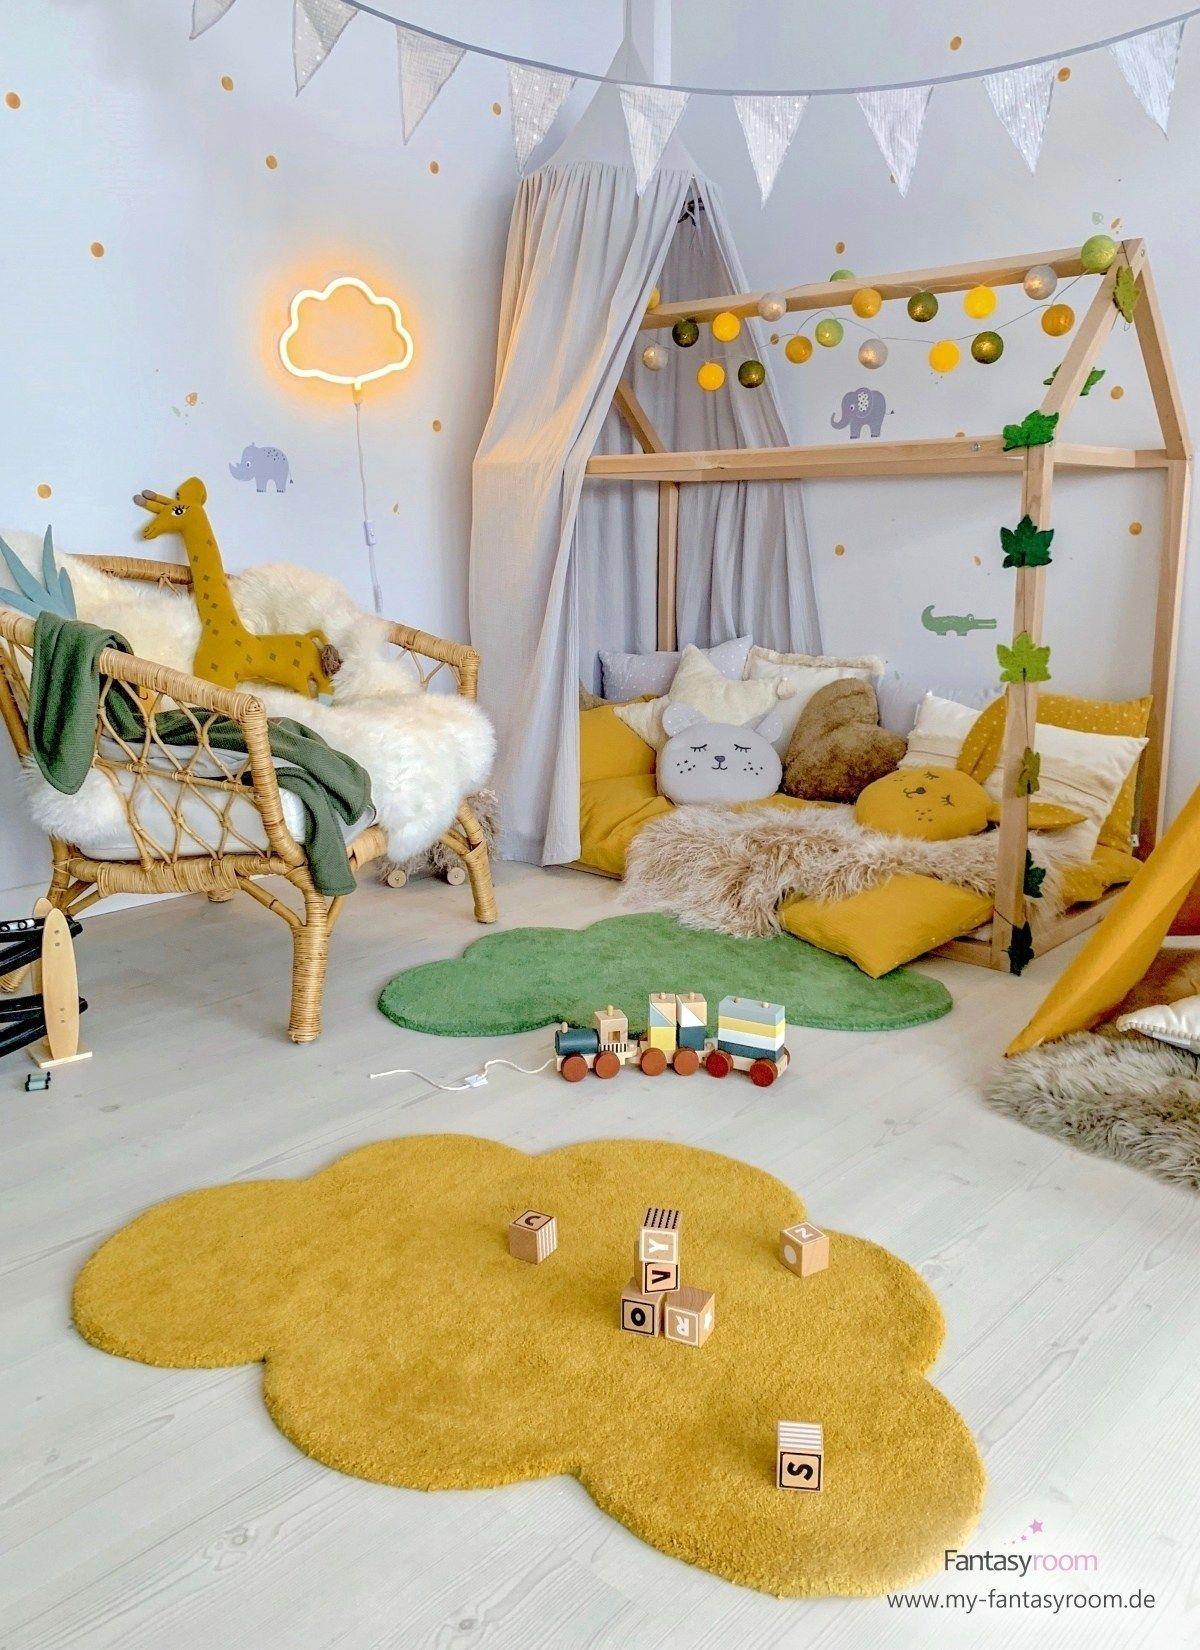 Dschungelzimmer mit Hausbett bei Fantasyroom online kaufen